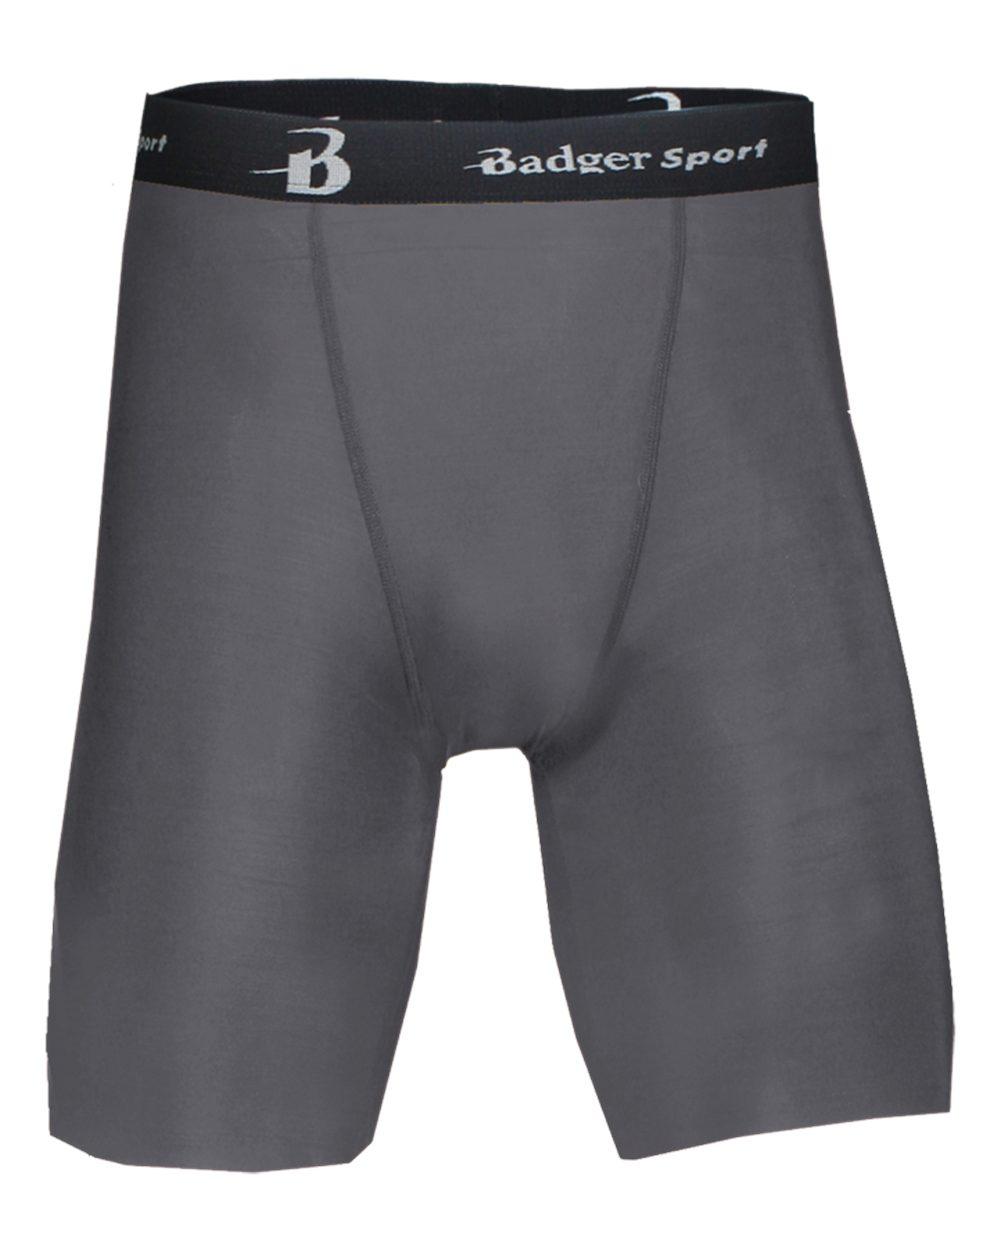 Badger Compression Short 10in